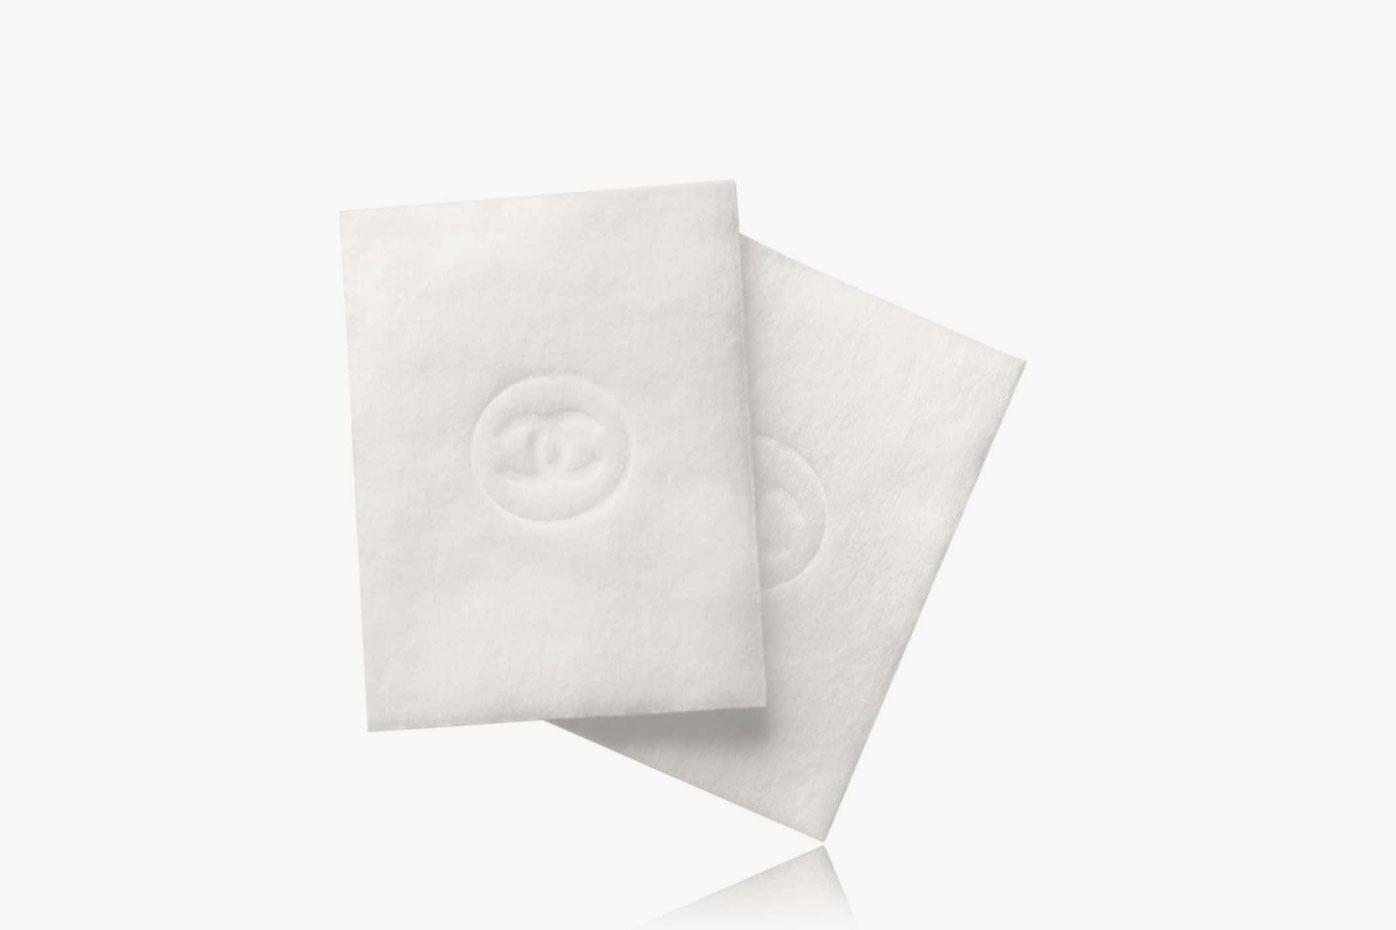 Chanel Le Coton Extra Soft Cotton Pads